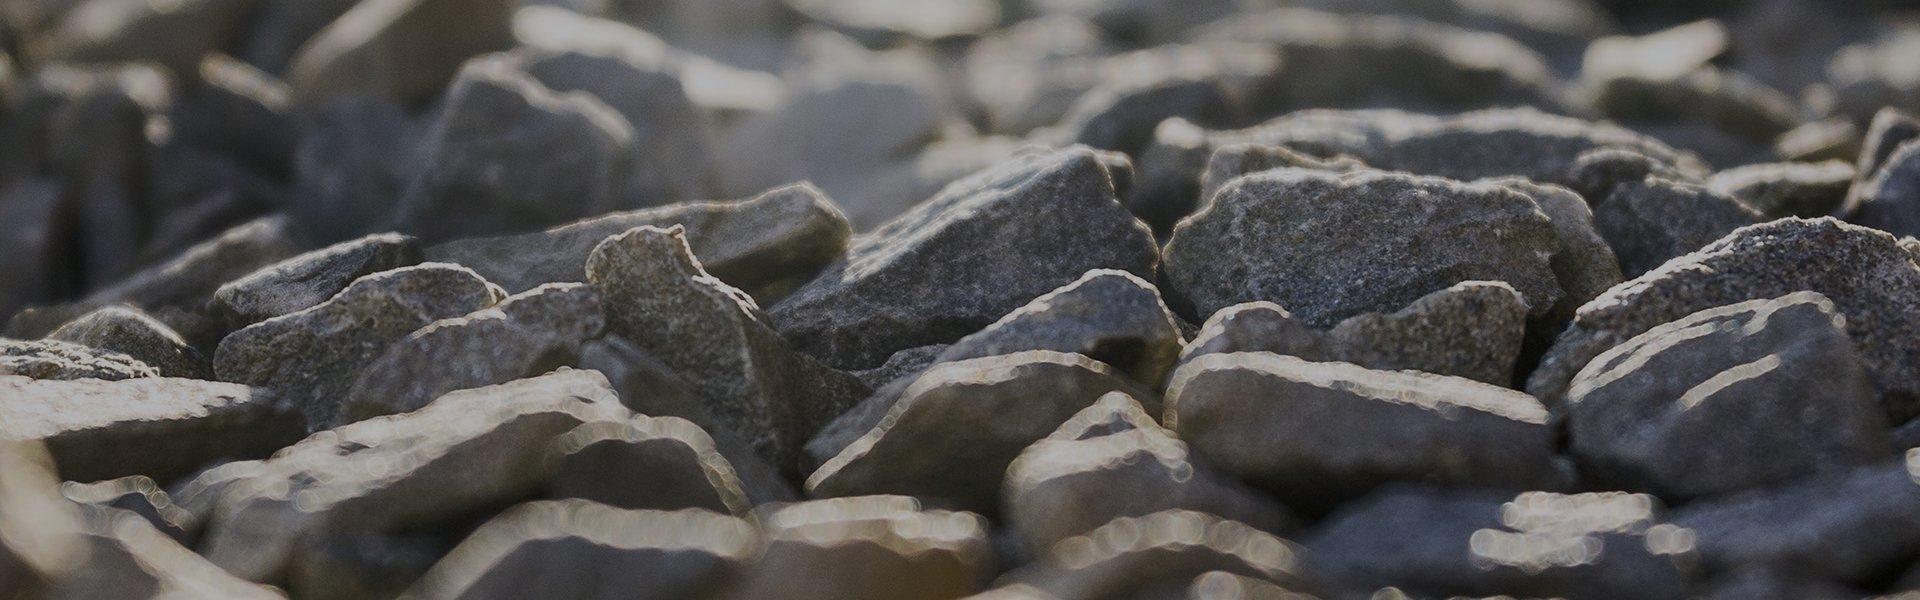 pieces of stones